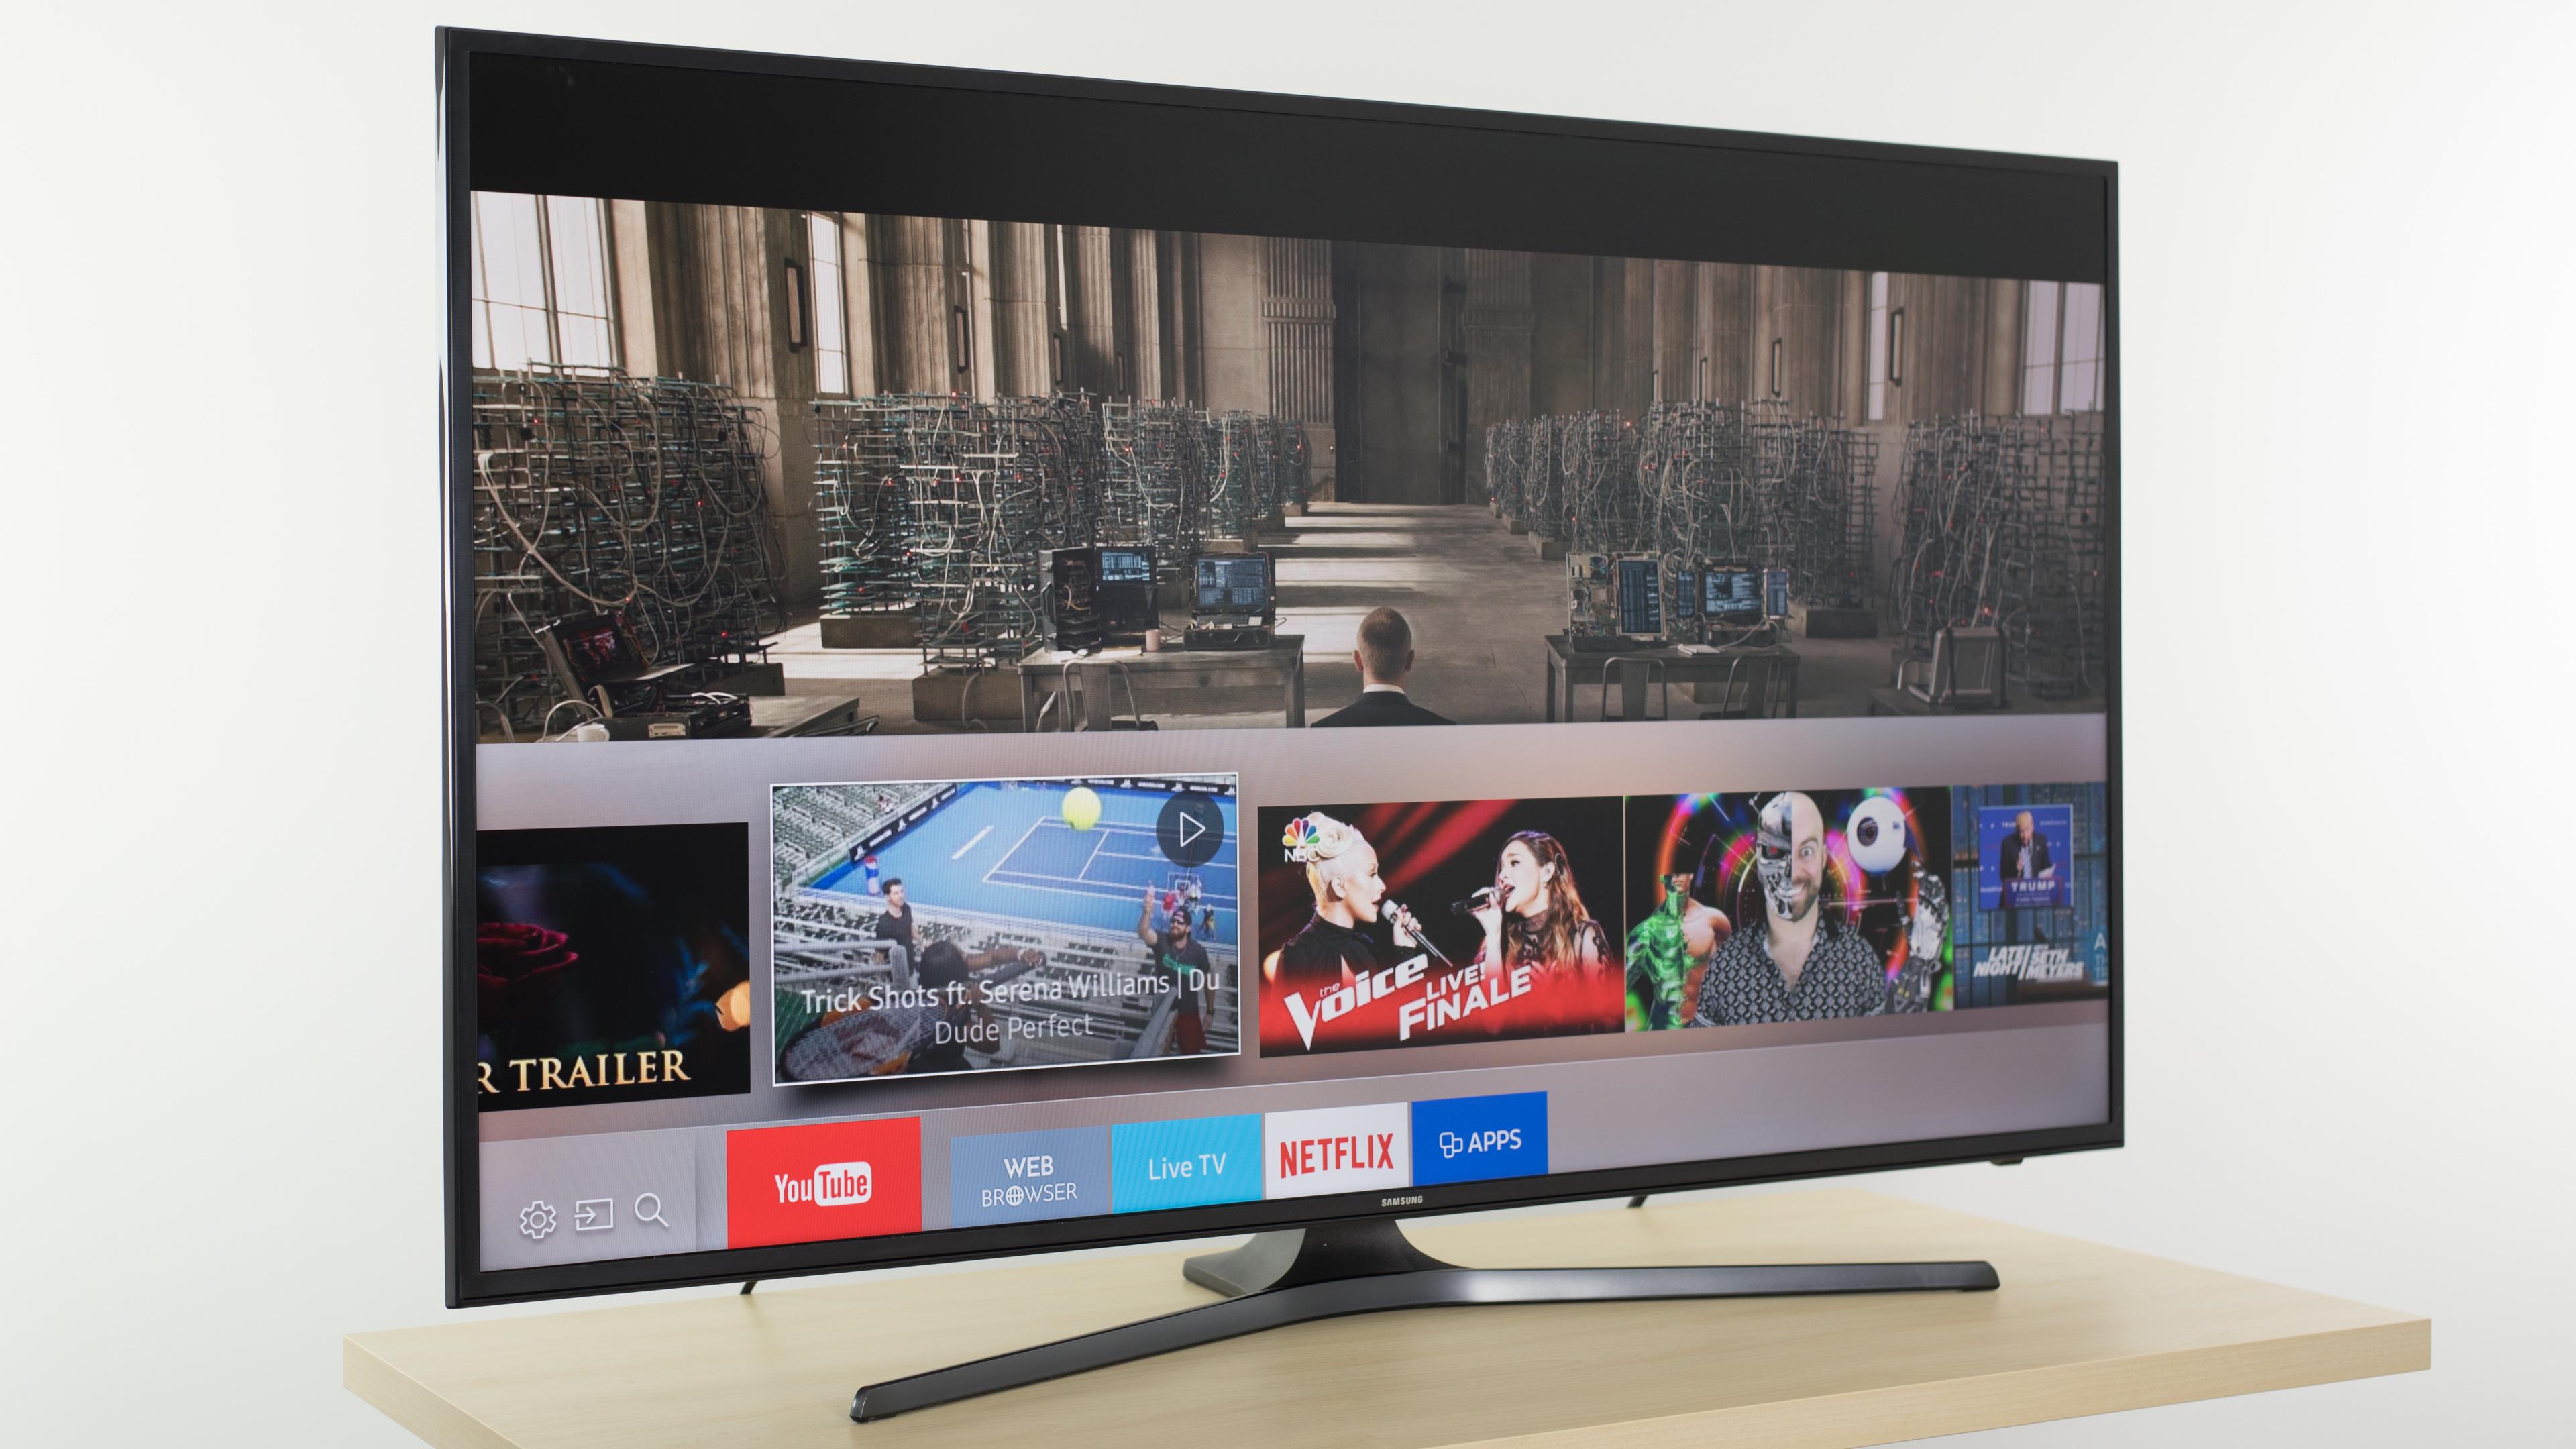 Samsung Ku6300 Review Un40ku6300 Un43ku6300 Un50ku6300  # Modeles De Table De Television